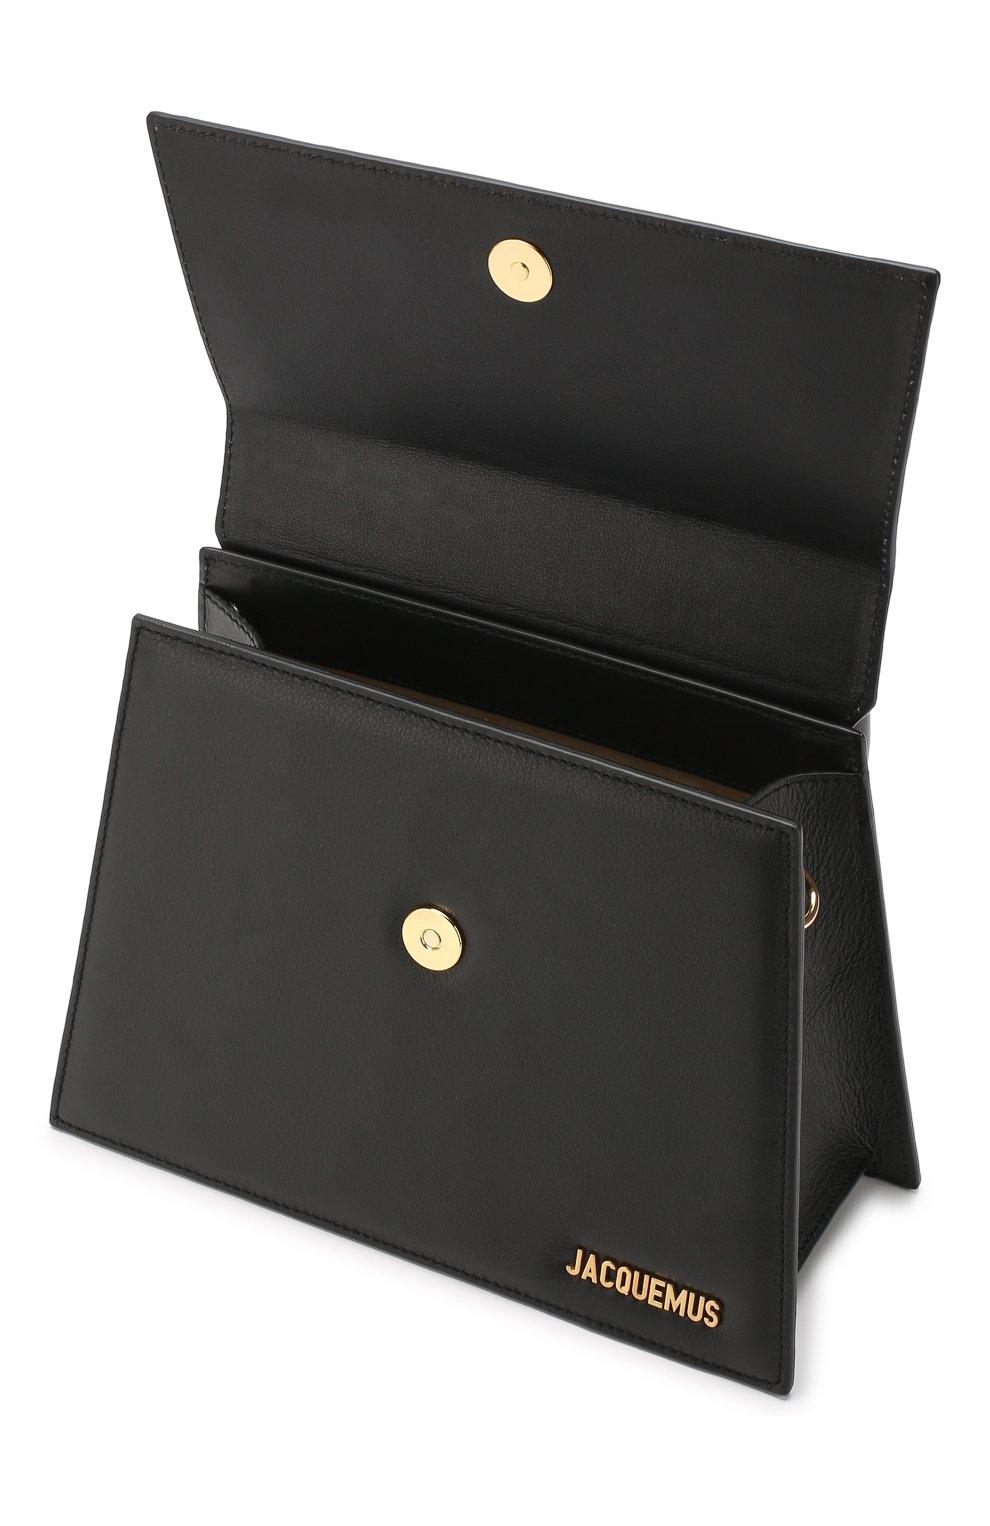 Сумка Le Chiquito grand Jacquemus черная цвета | Фото №4